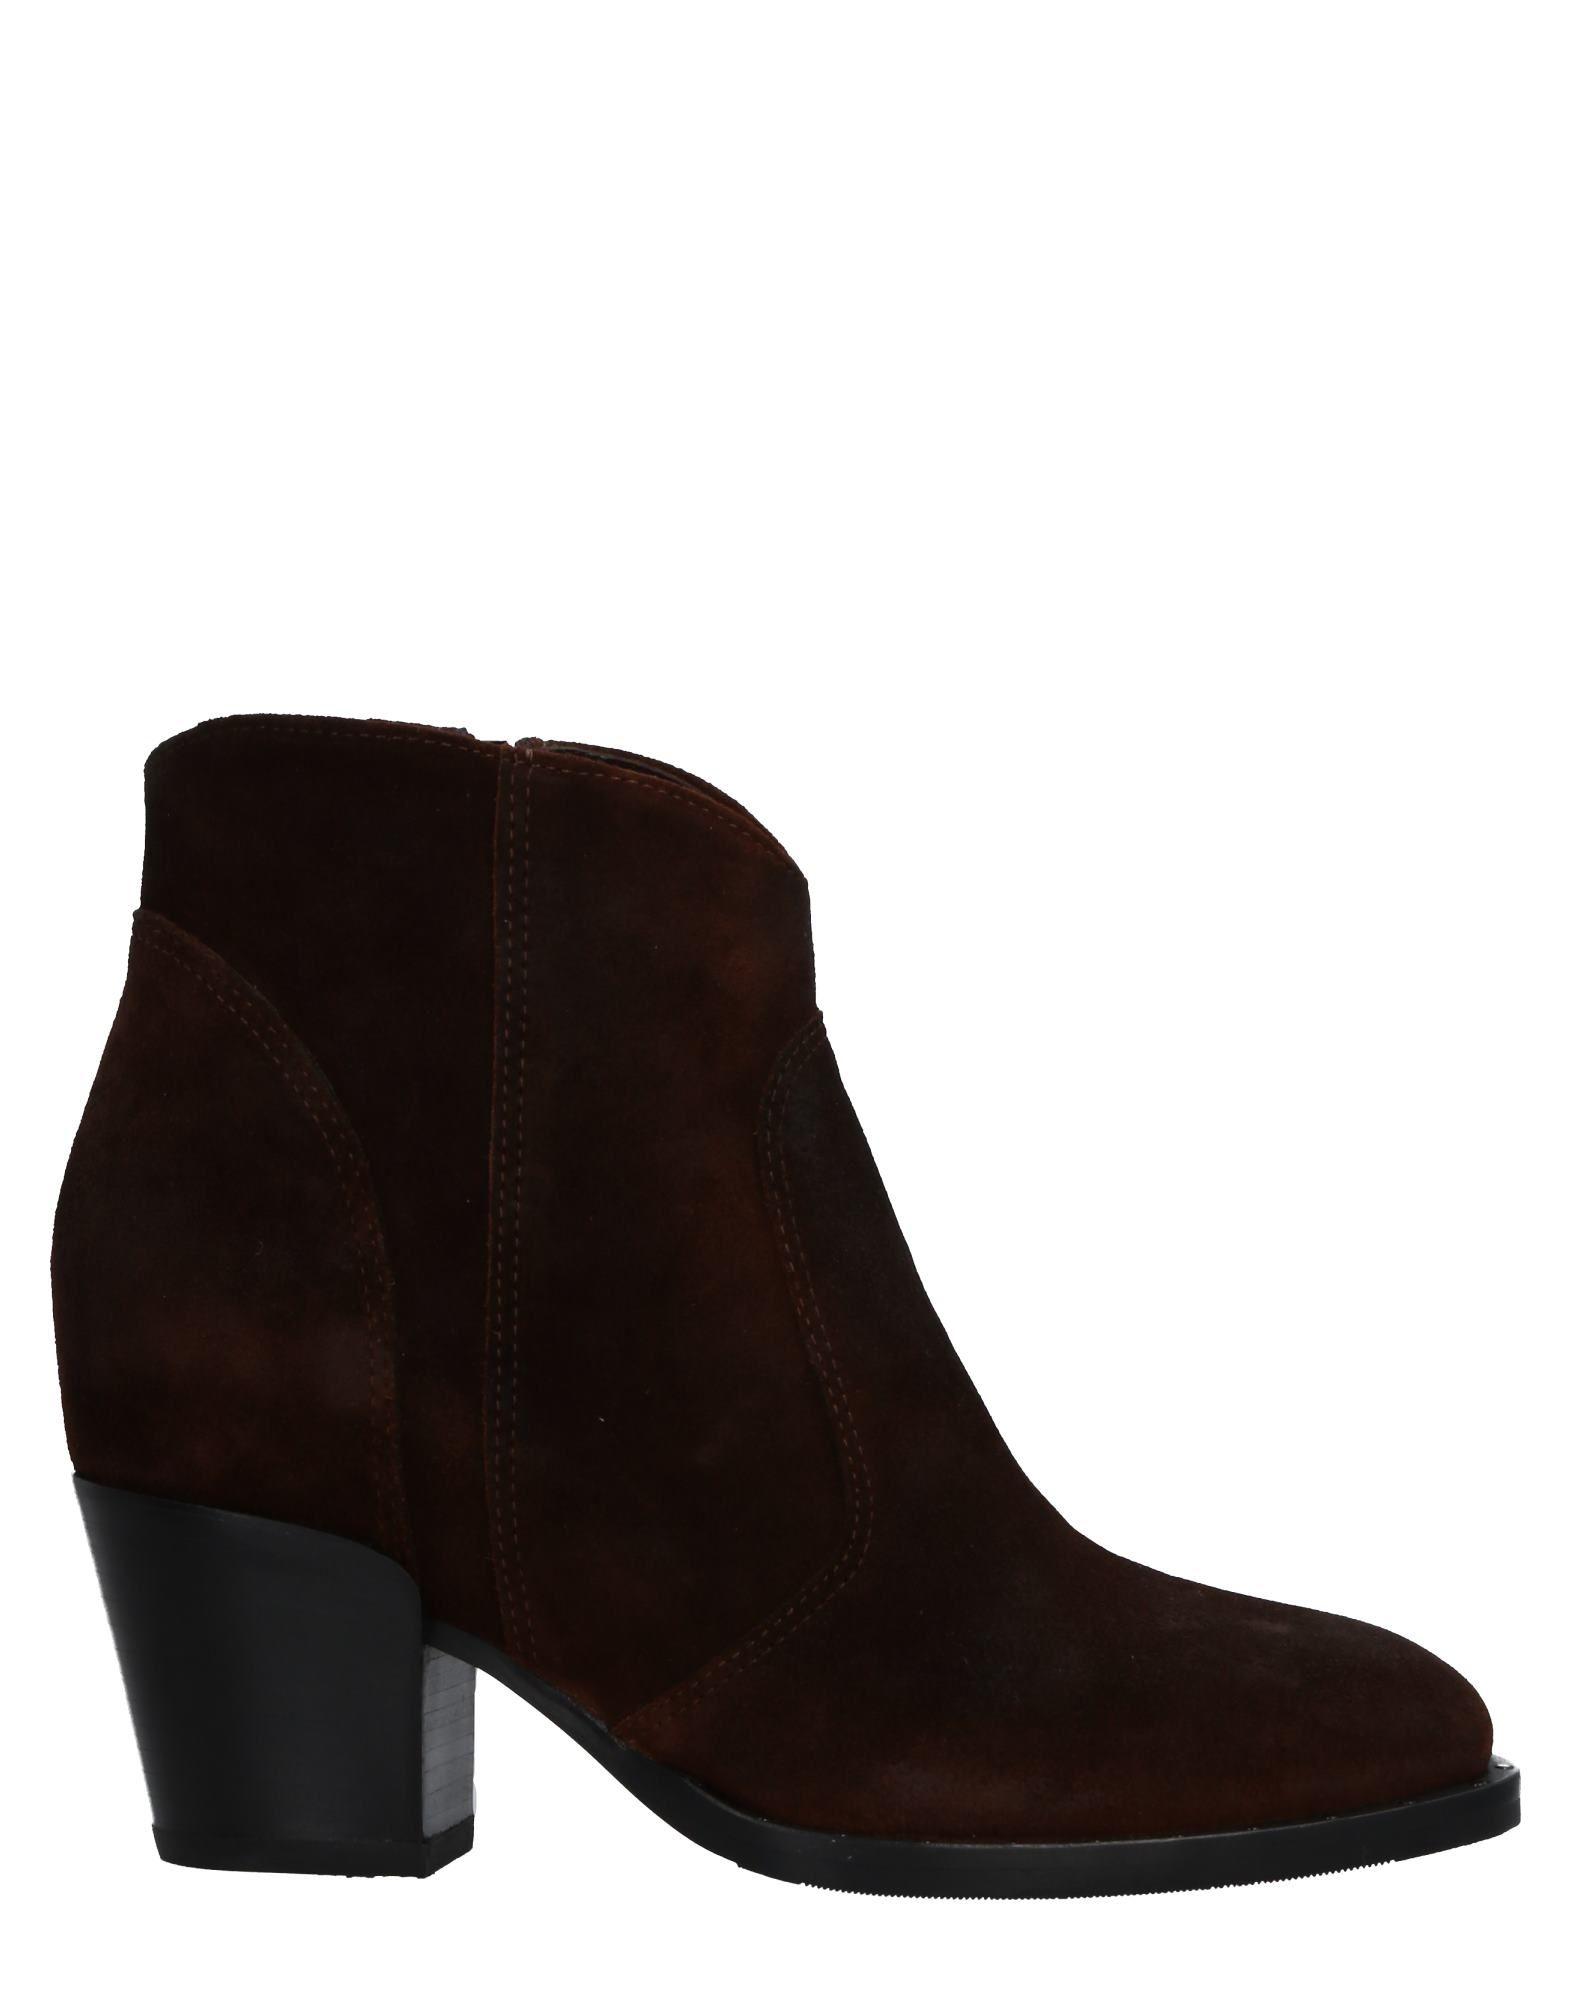 Lorenzo Mari Stiefelette Damen  11515654FH Gute Qualität beliebte Schuhe